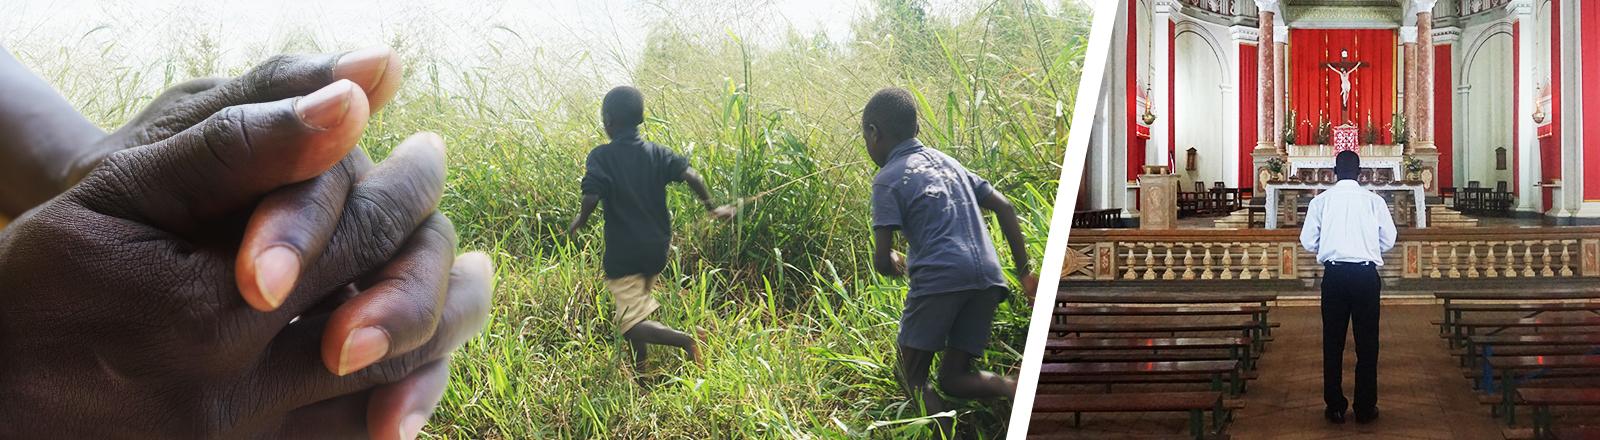 Collage von betenden Händen, rennenden Kindern und Okot in Kirche